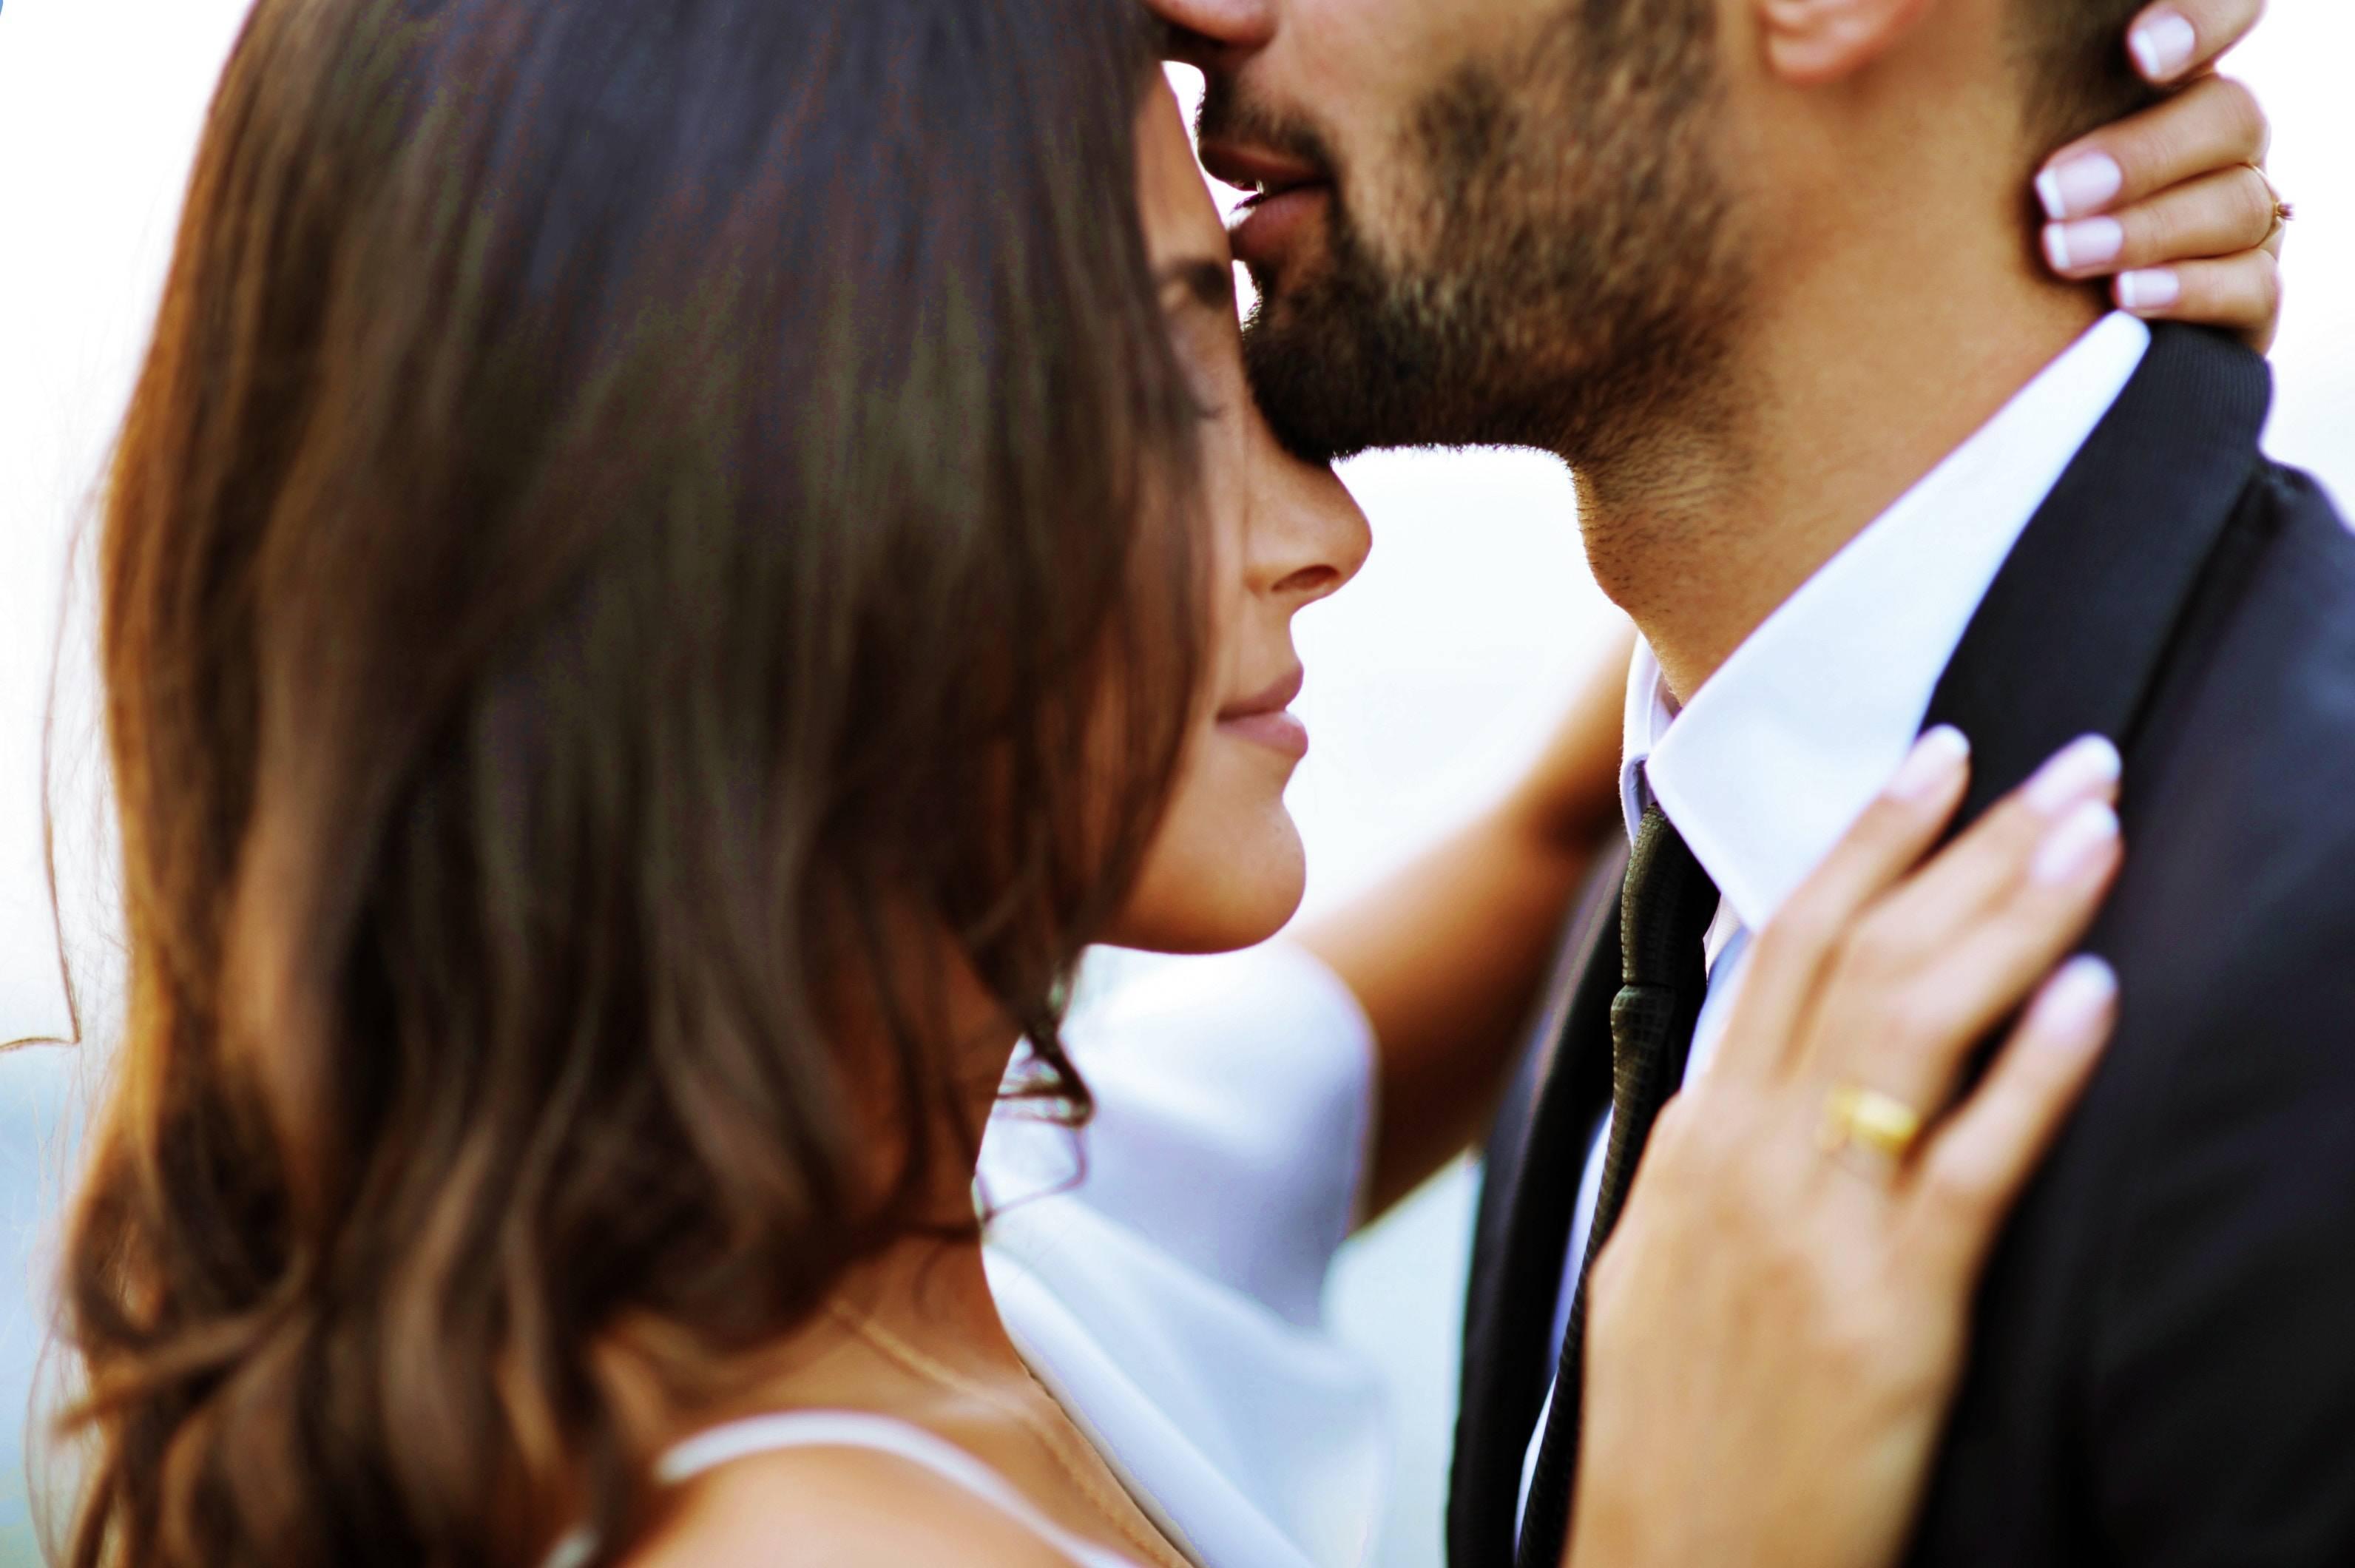 Различия мужчин и женщин: 20 самых важных отличий